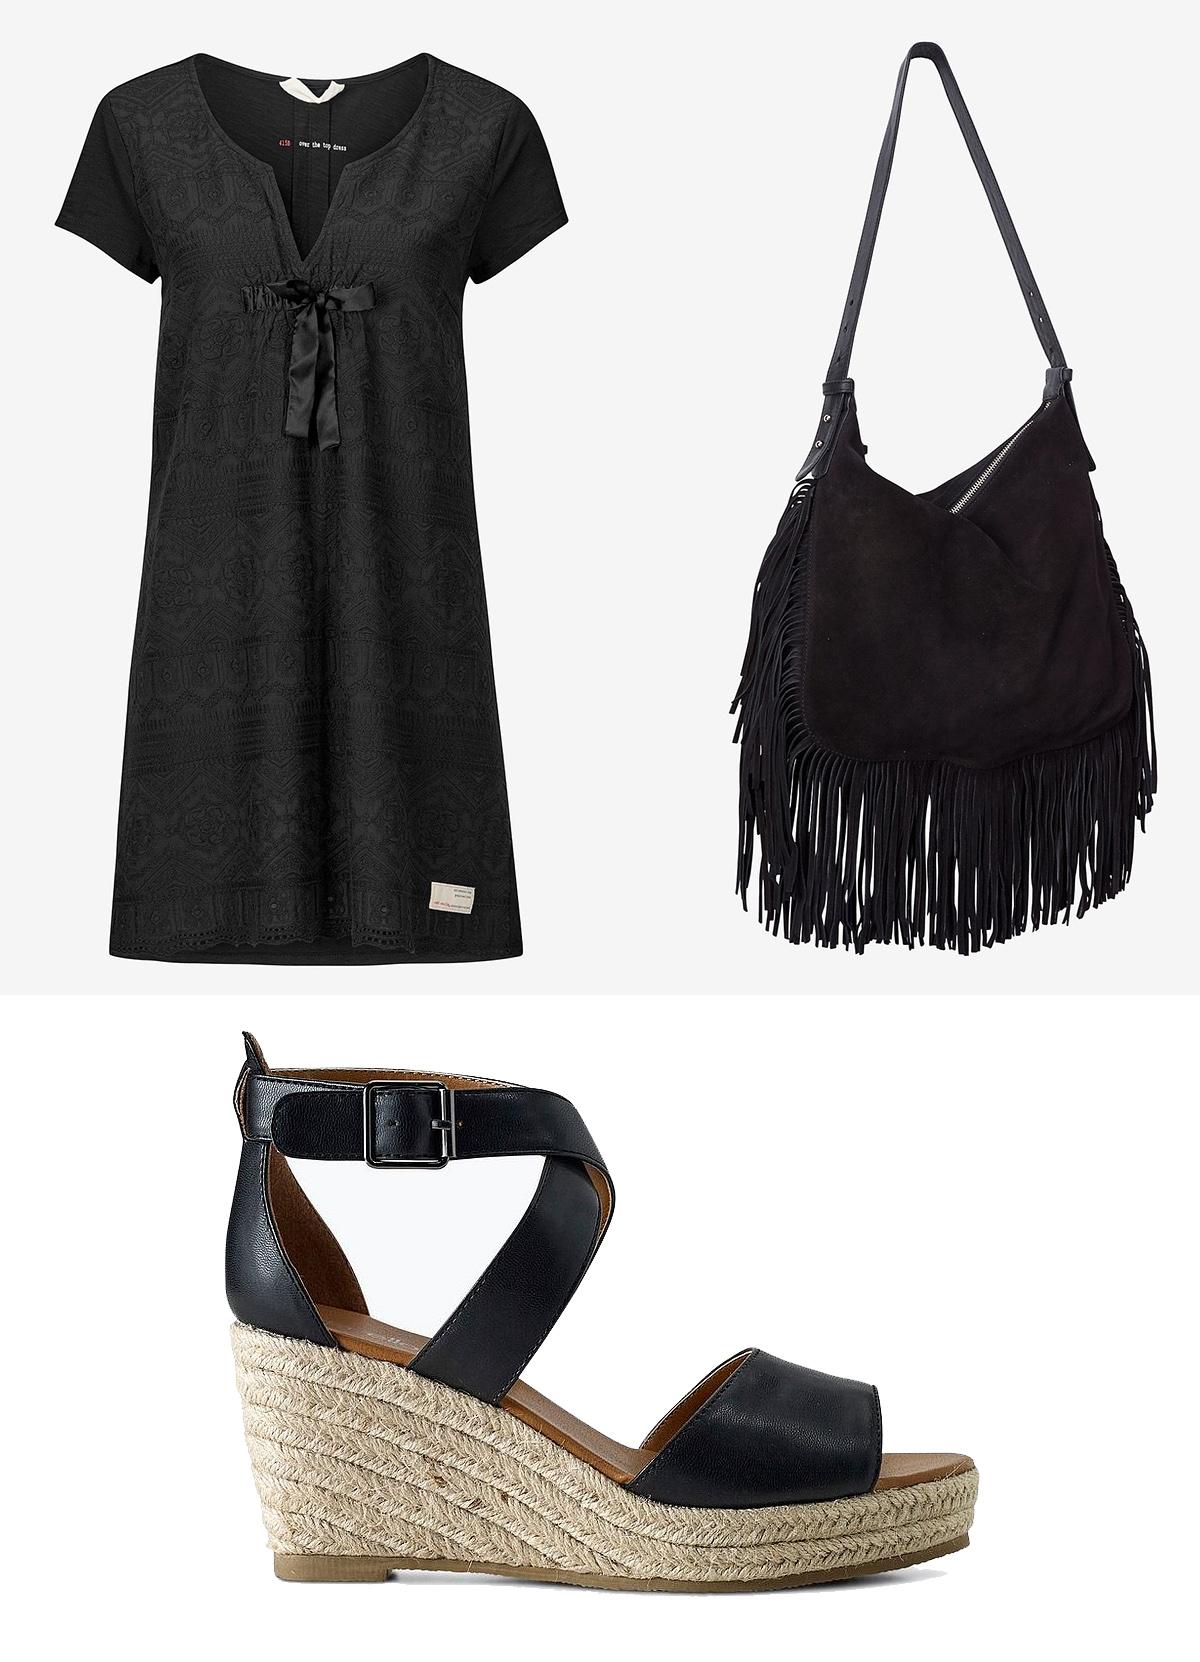 Svarta kläder på sommaren – är det passande  – Käthe Nilsson 3e4e213981f7c